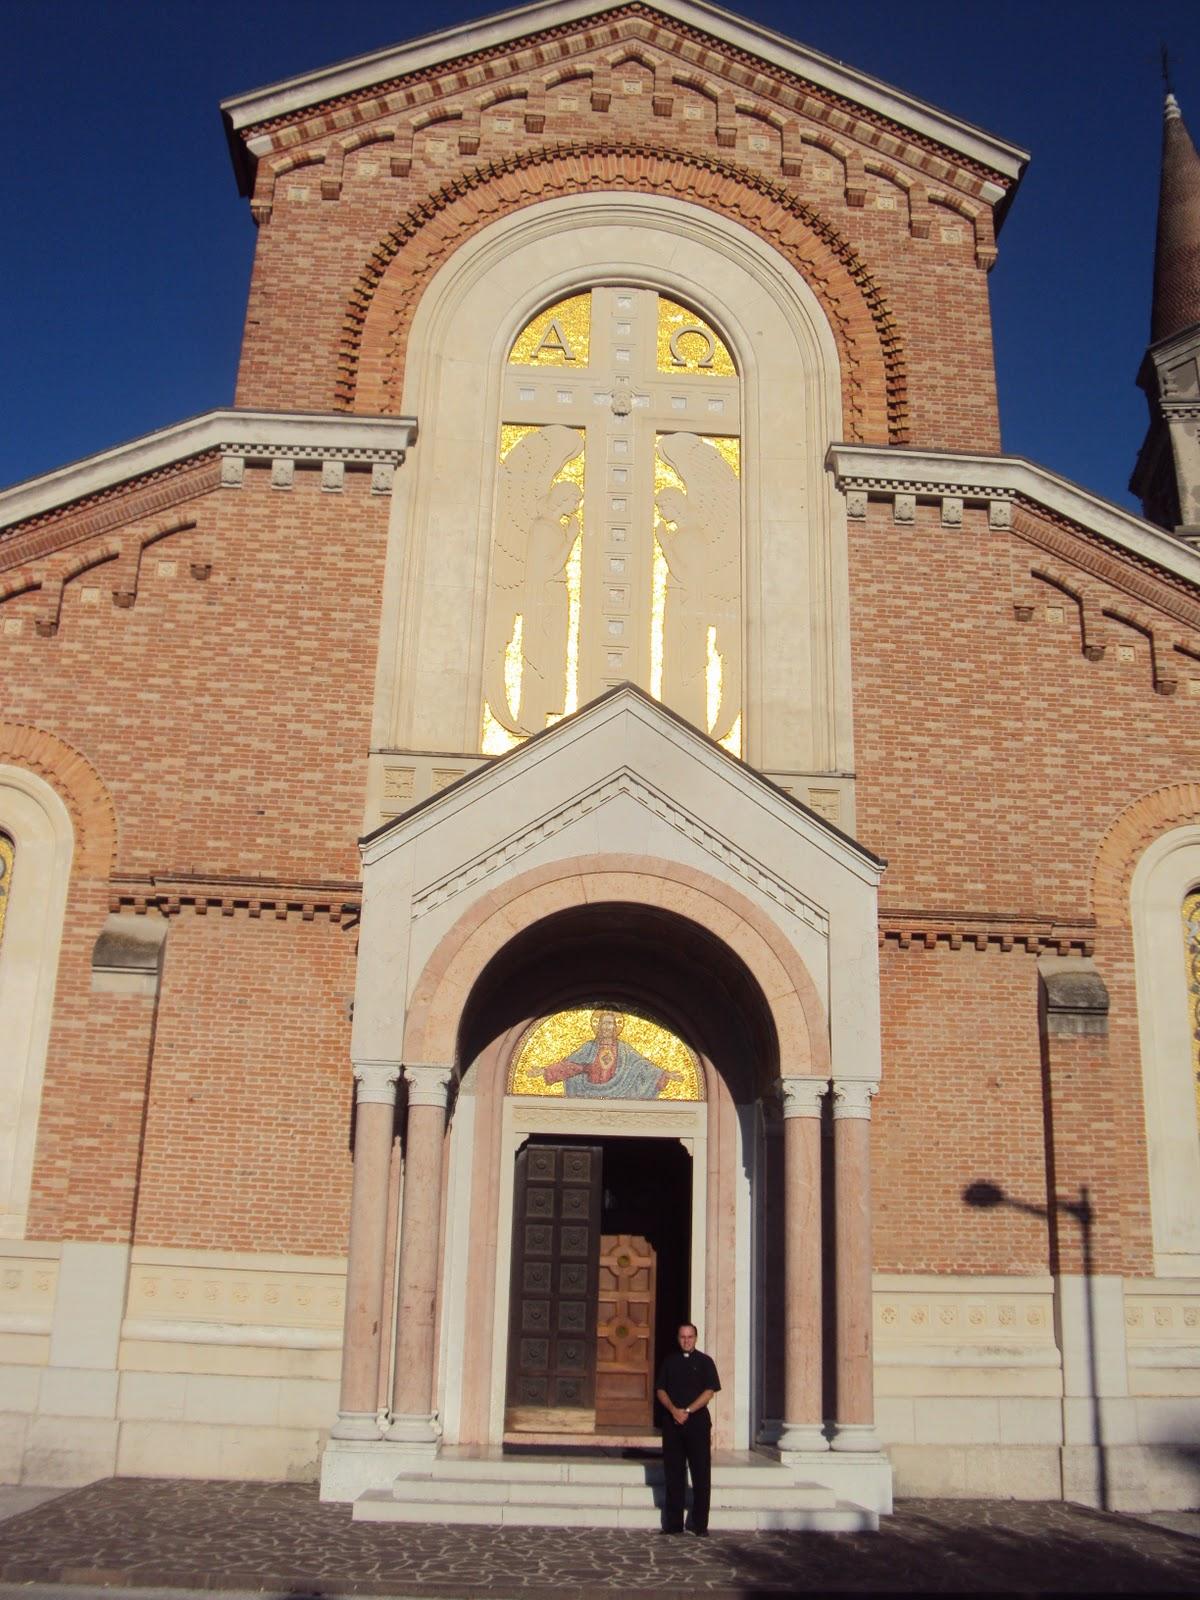 Arquitectura arte sacro y liturgia el signo del testimonio for Arquitectura sacro